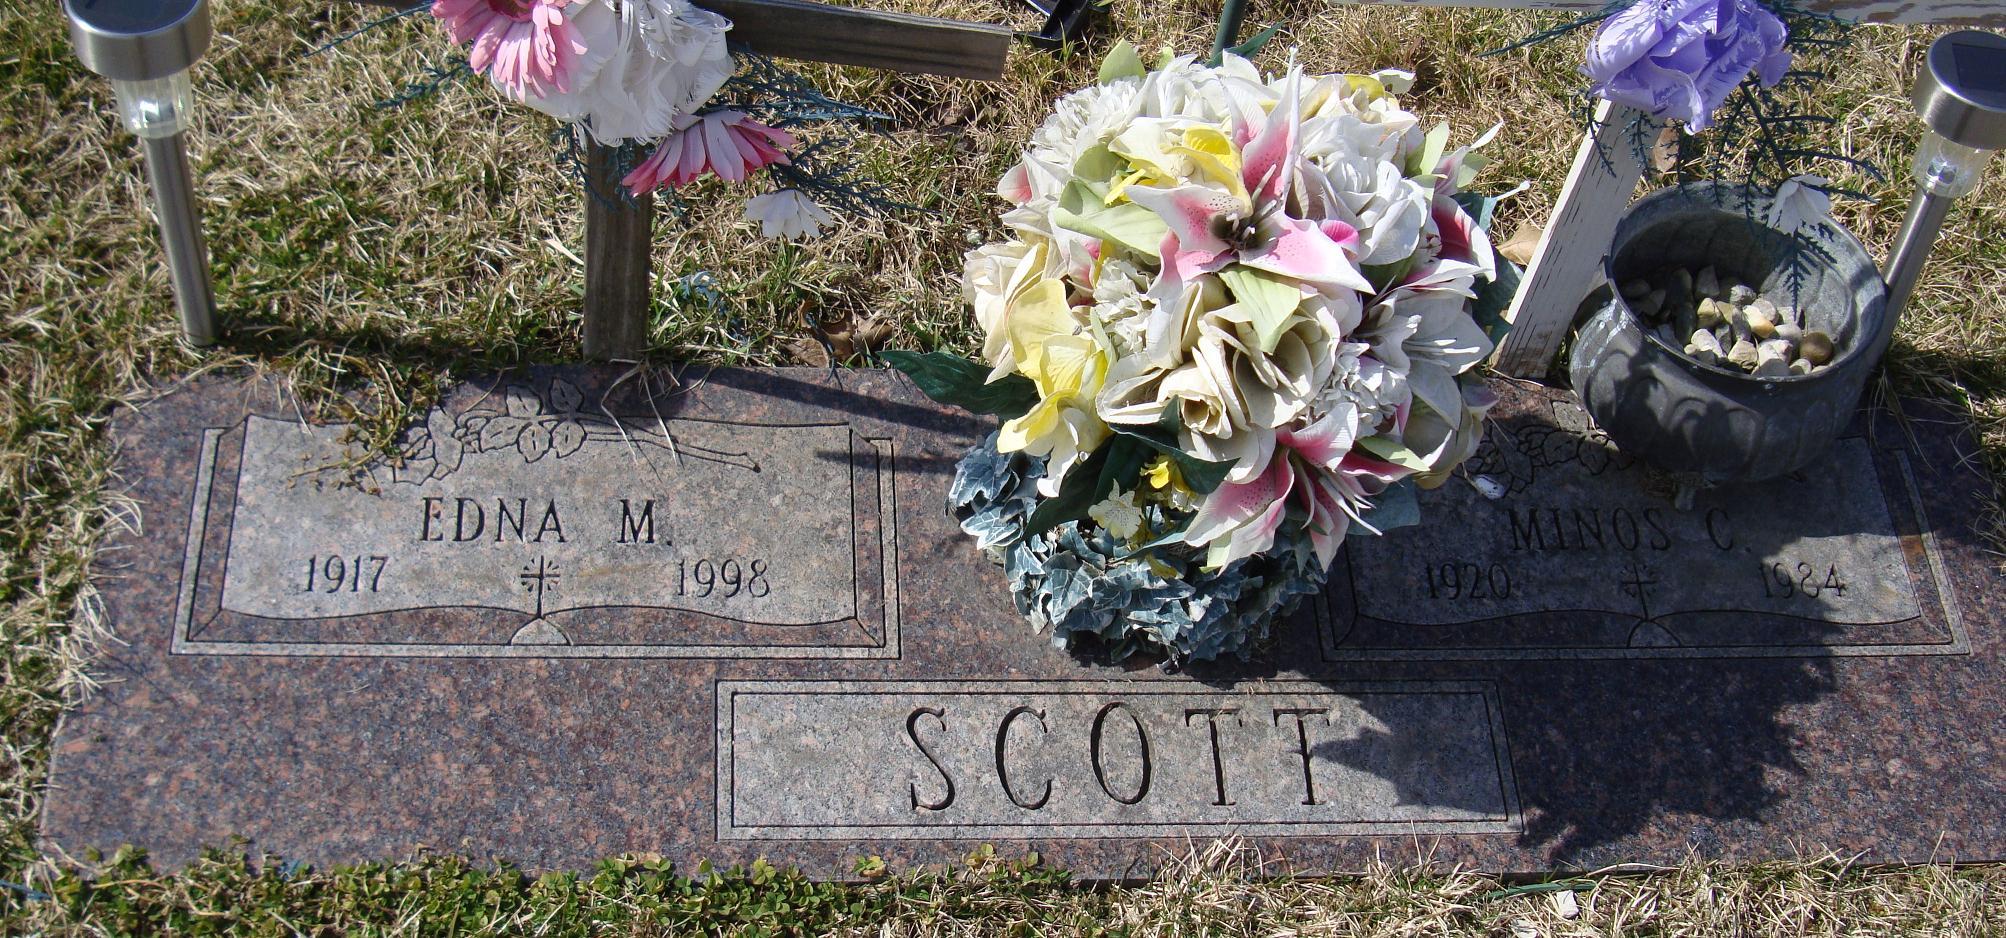 Edna M Scott